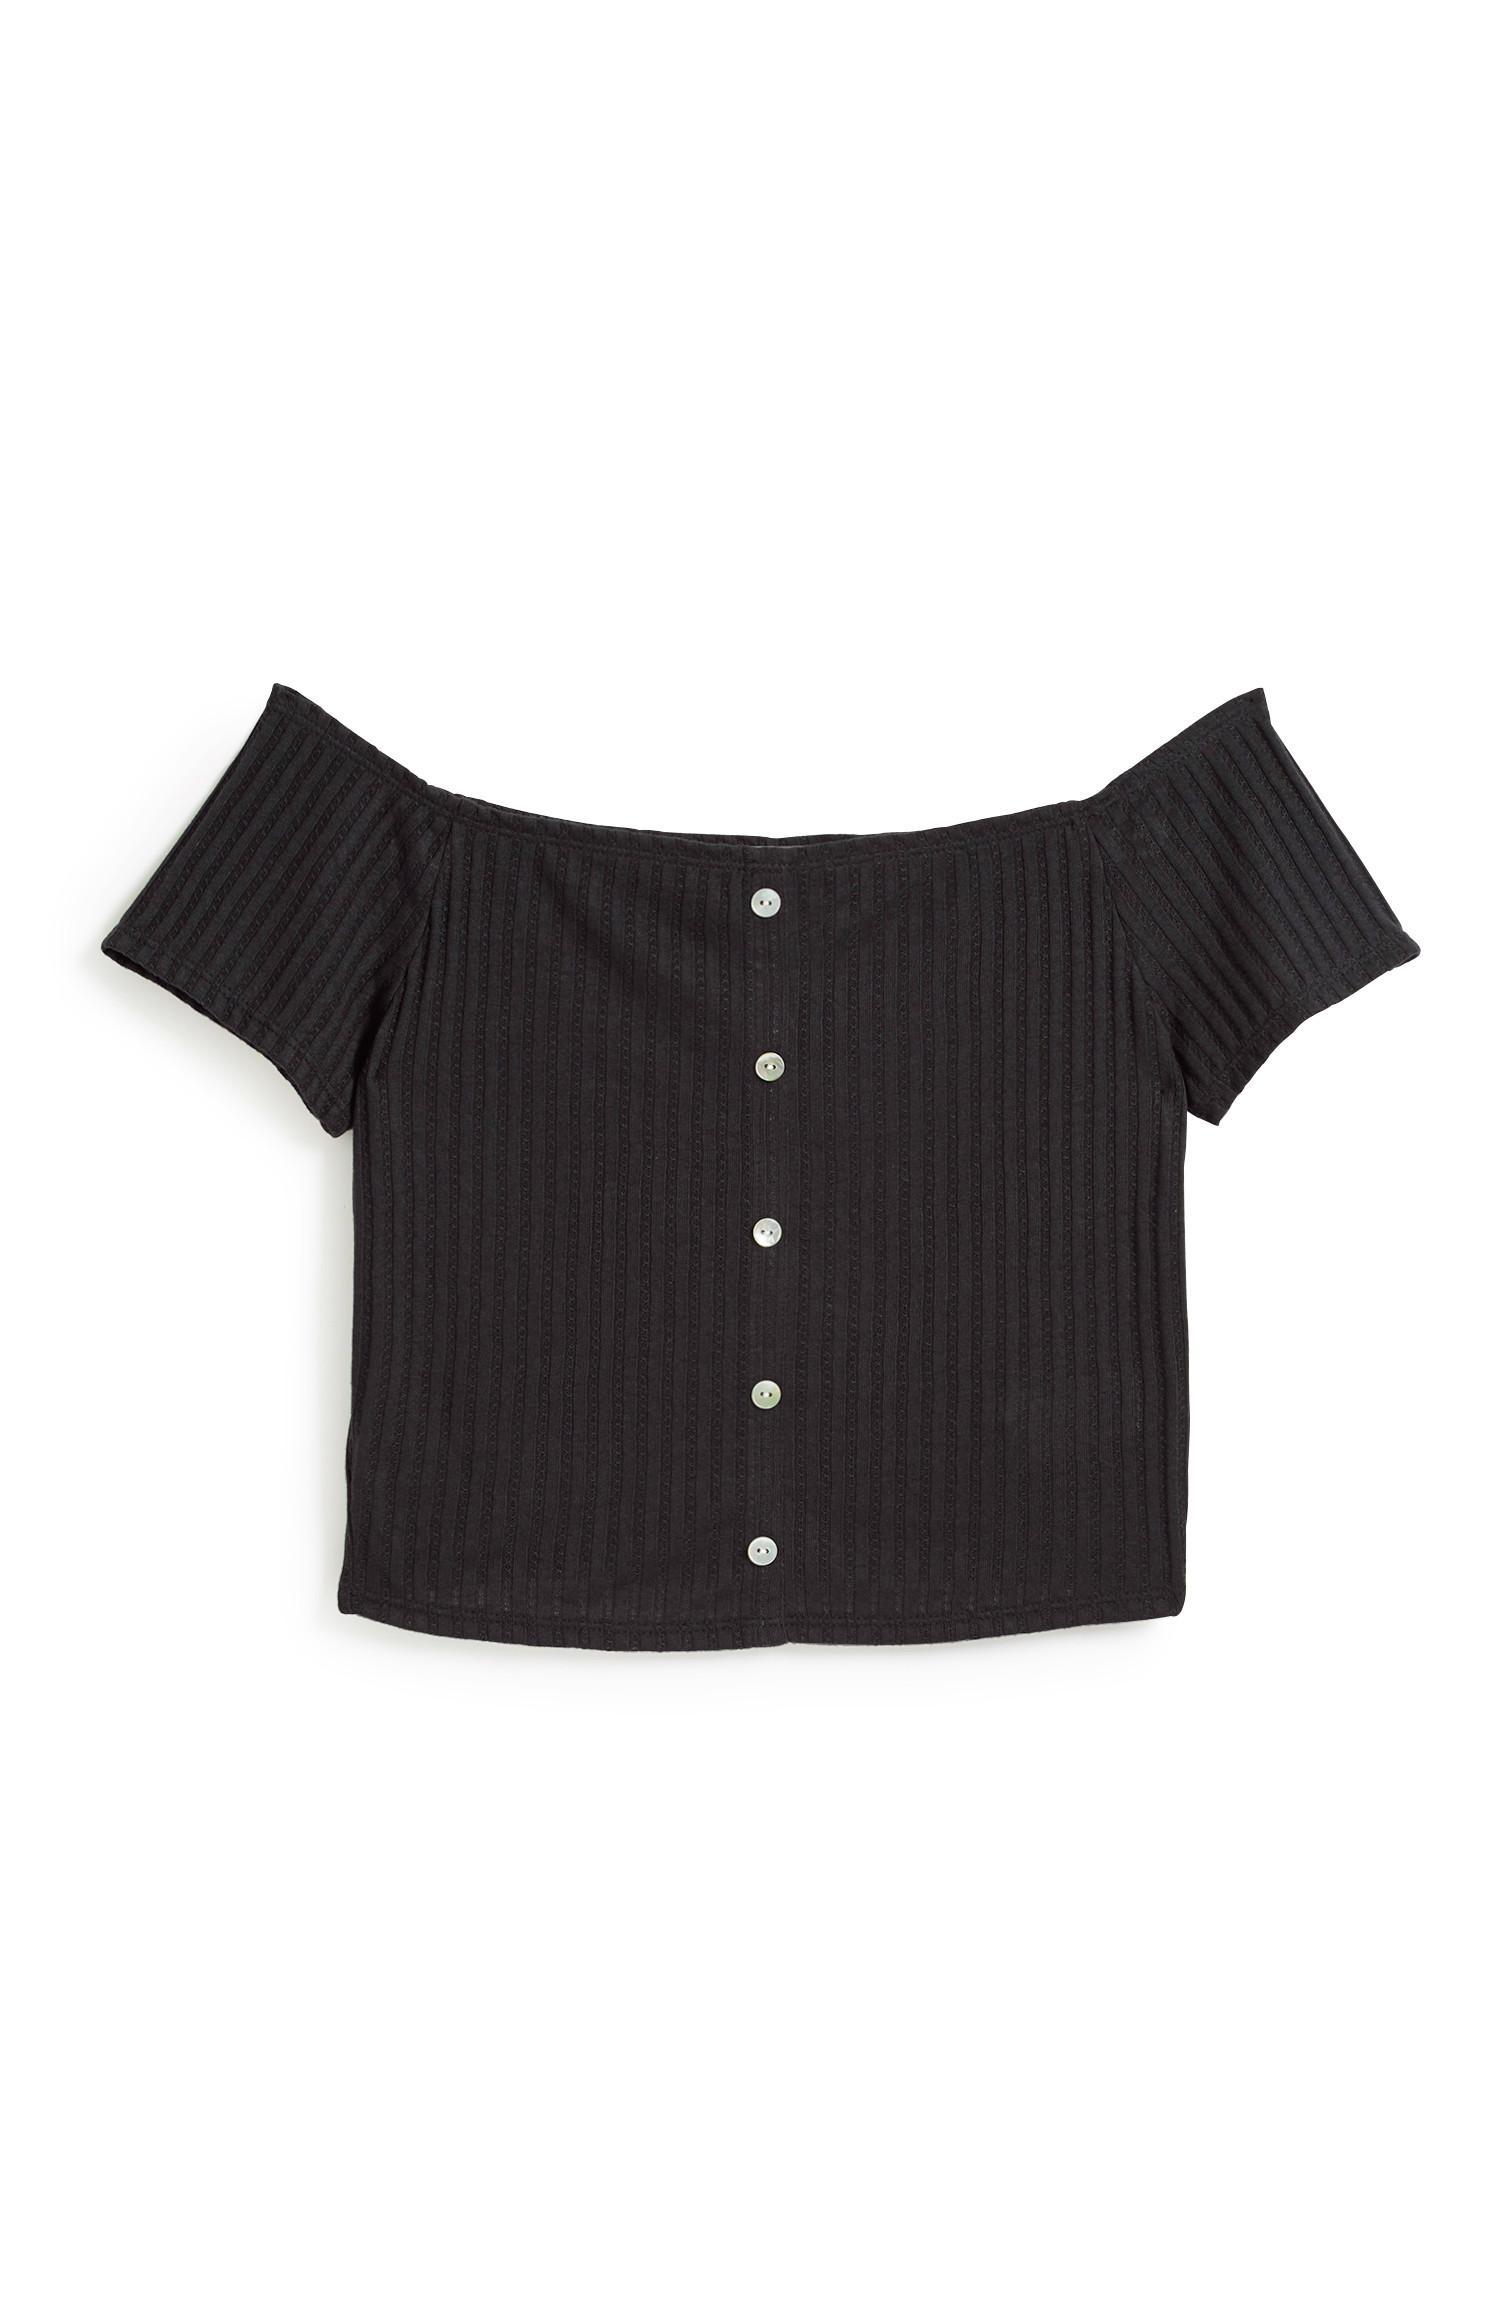 Schwarzes Bardot-Top mit Knopfleiste